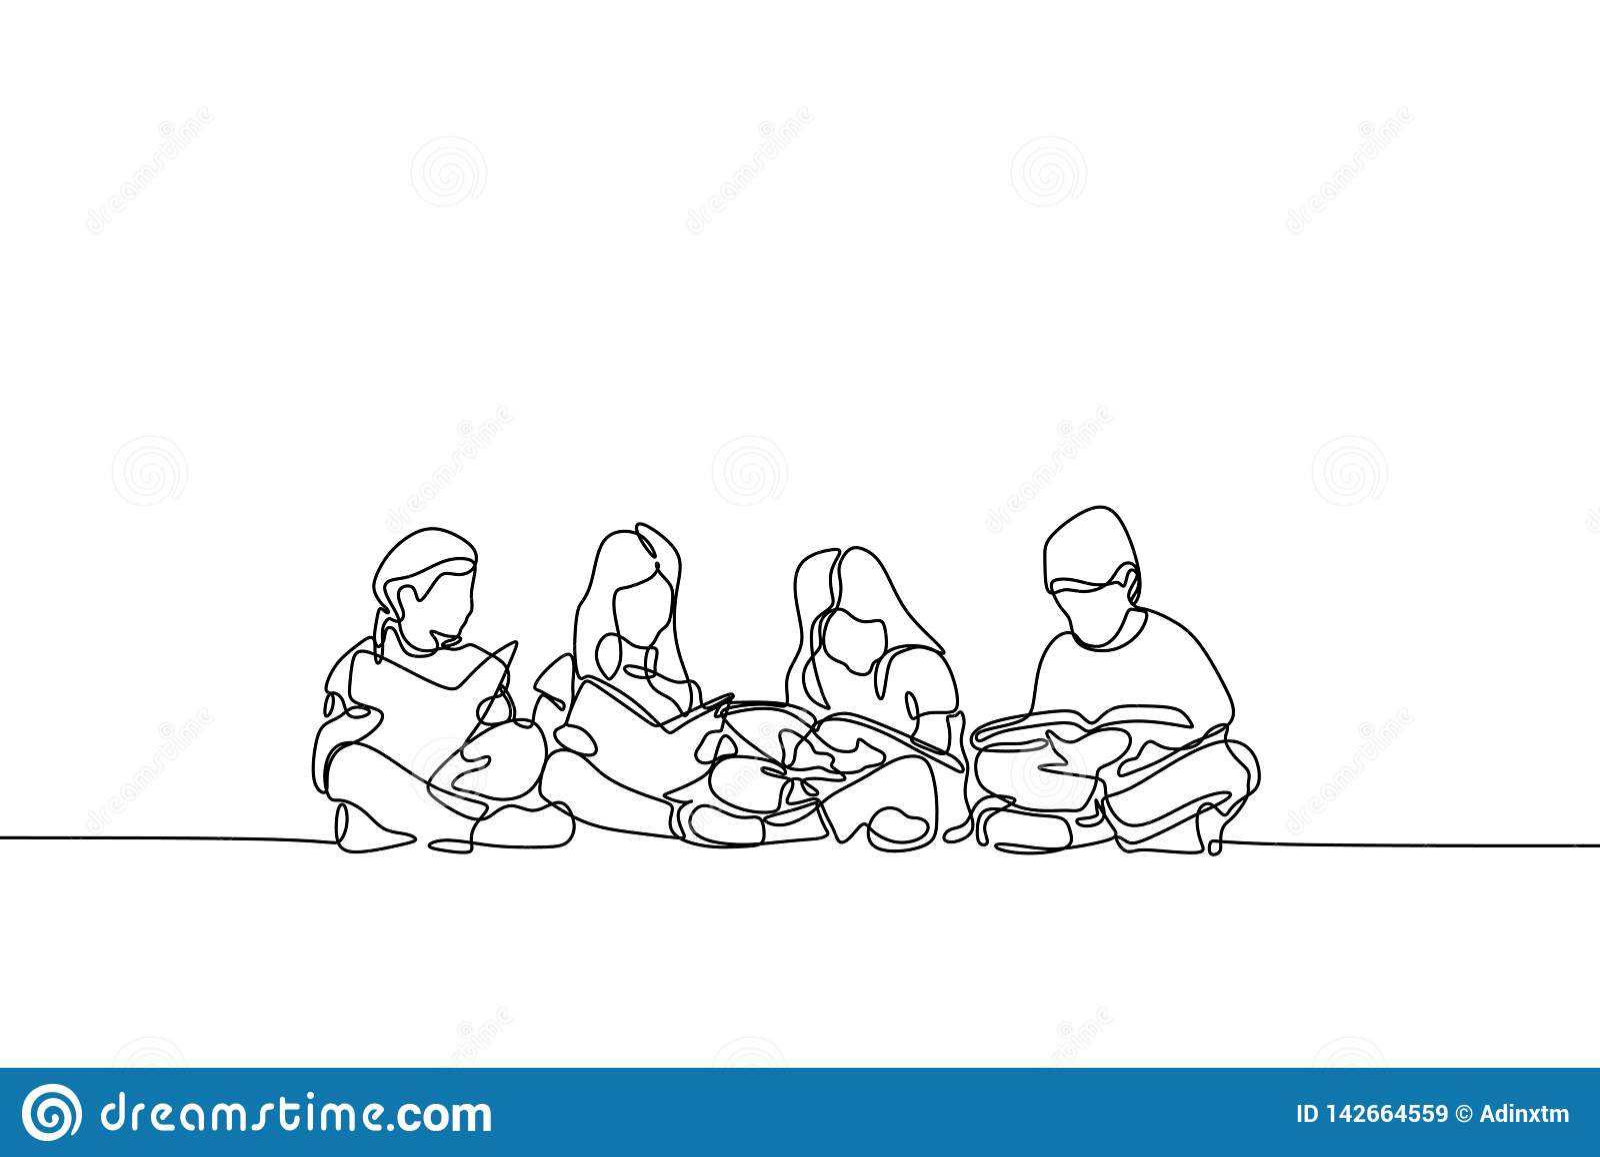 Ένα σχέδιο γραμμών του εφήβου συνεχές θέμα εκπαίδευσης παιδιών και παιδιών σχεδίου lineart